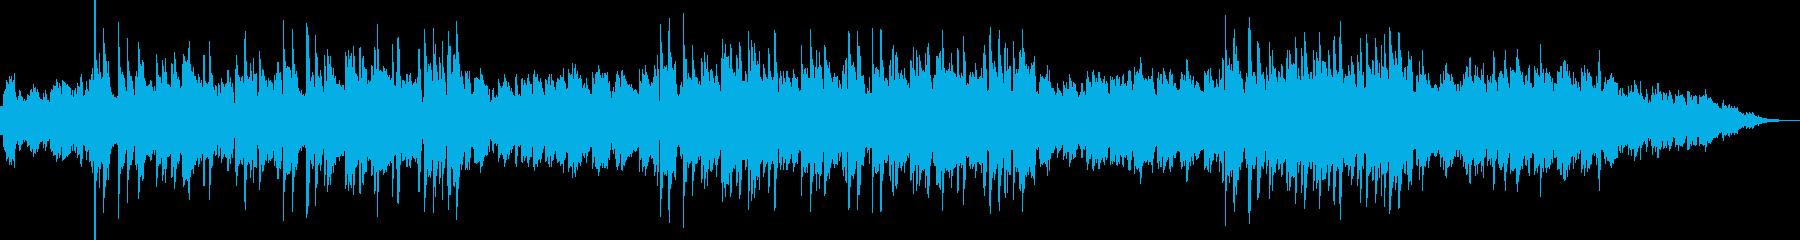 幻想的で静かなオルゴールサウンドです。…の再生済みの波形